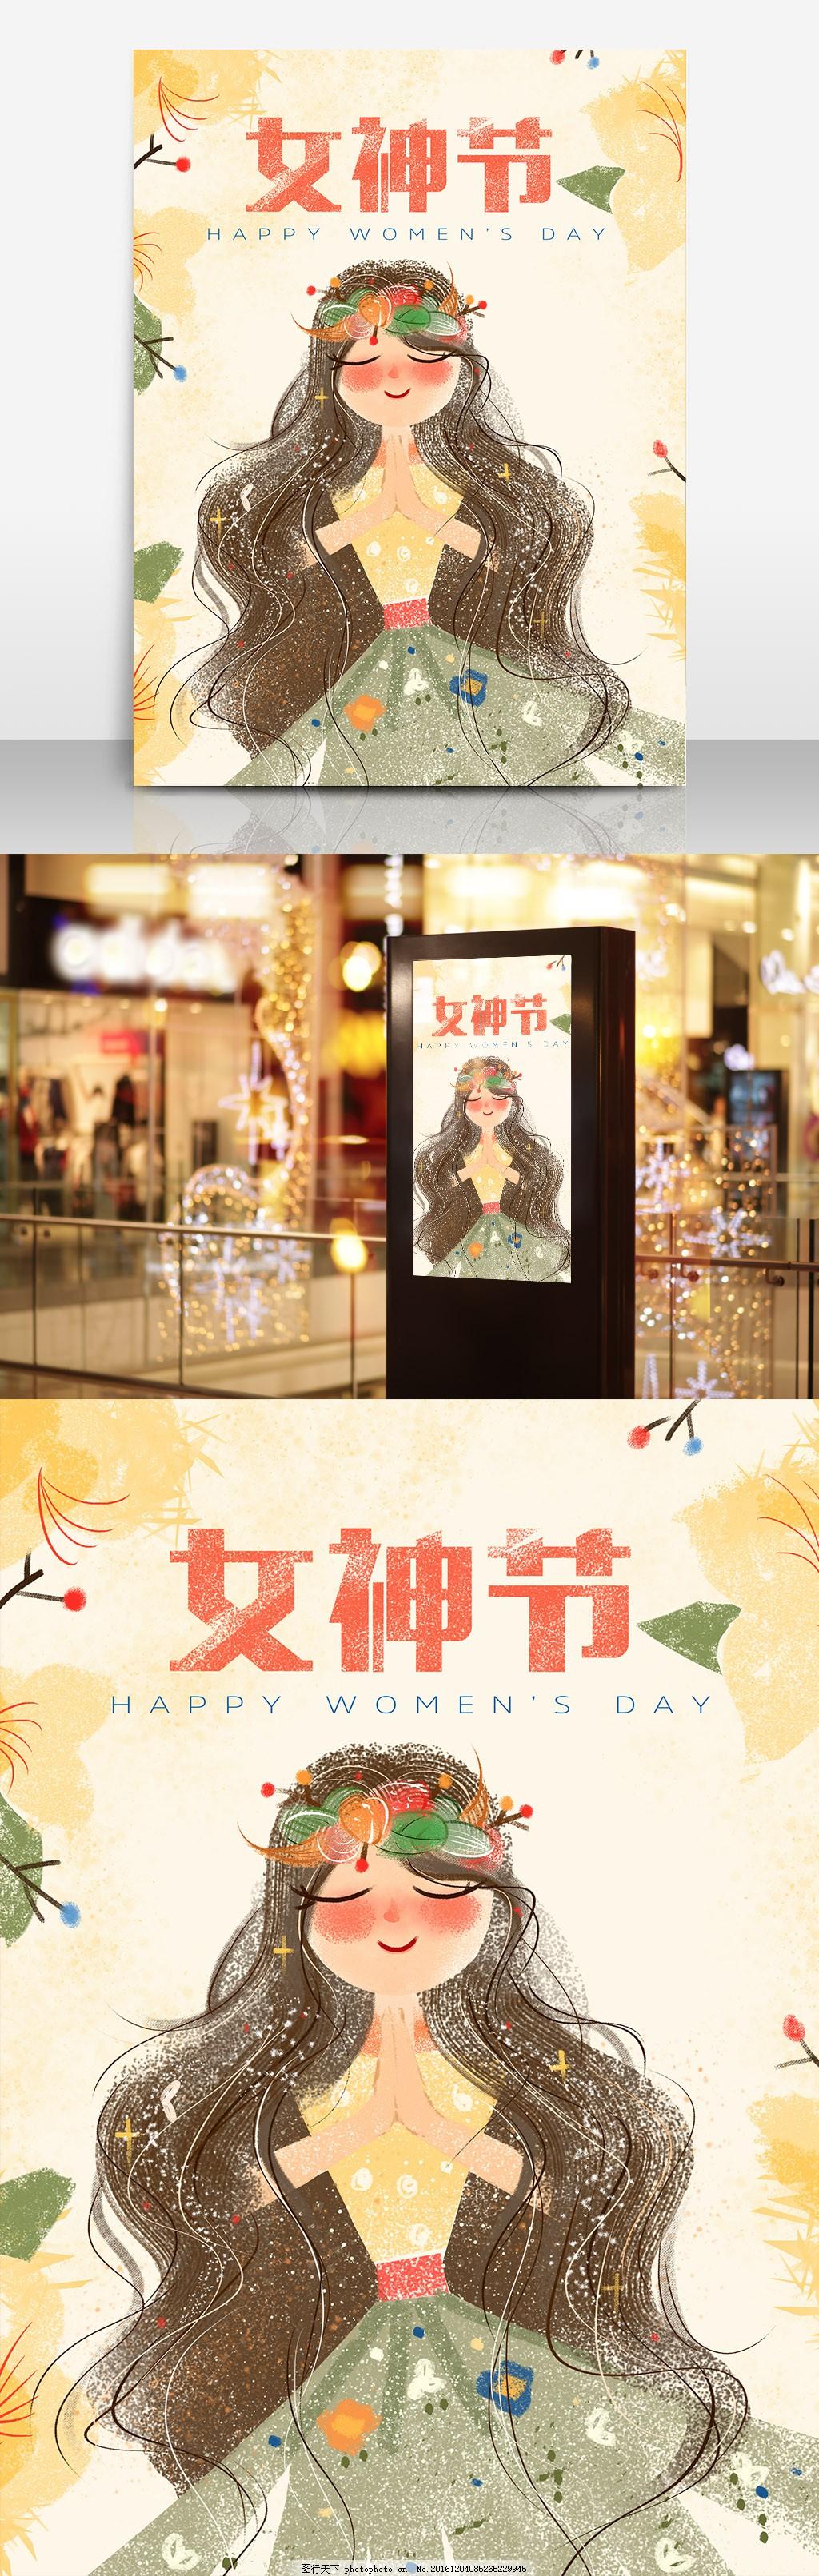 女神节清新手绘原创海报 女神节 女生节 手绘 插画 海报 原创